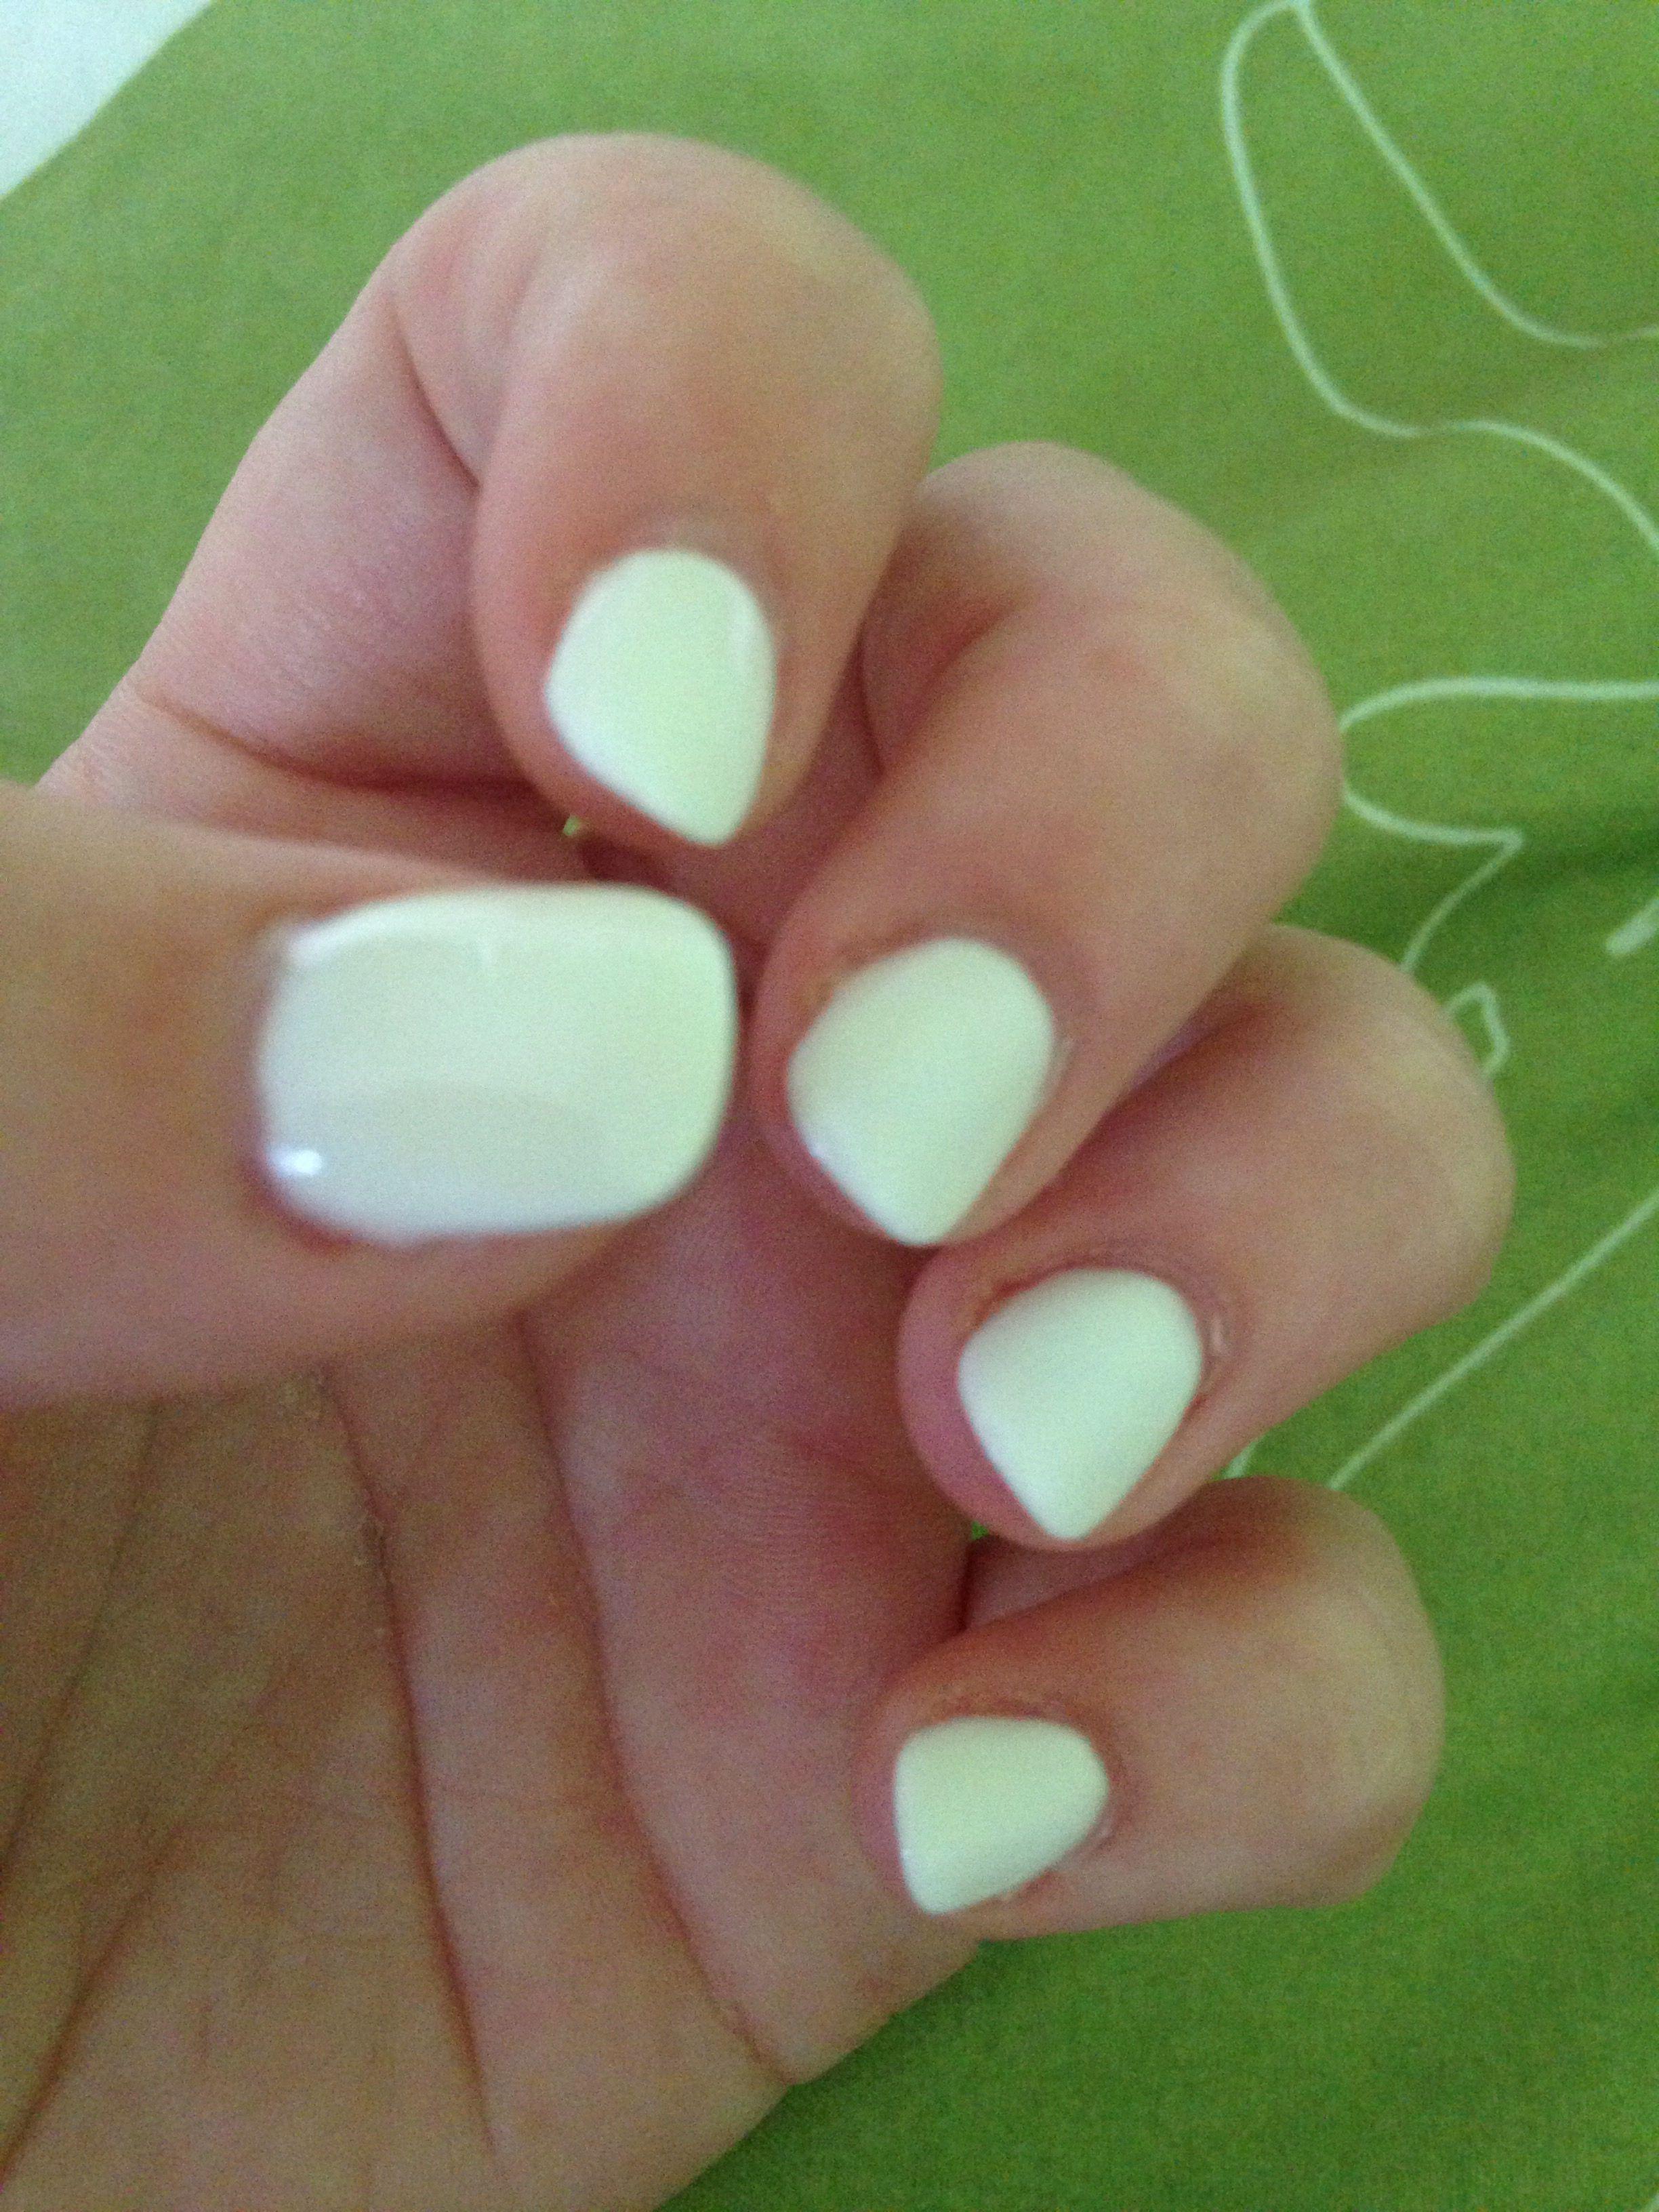 NexGen nails--better than acrylics, trust me!   Nail Art   Pinterest